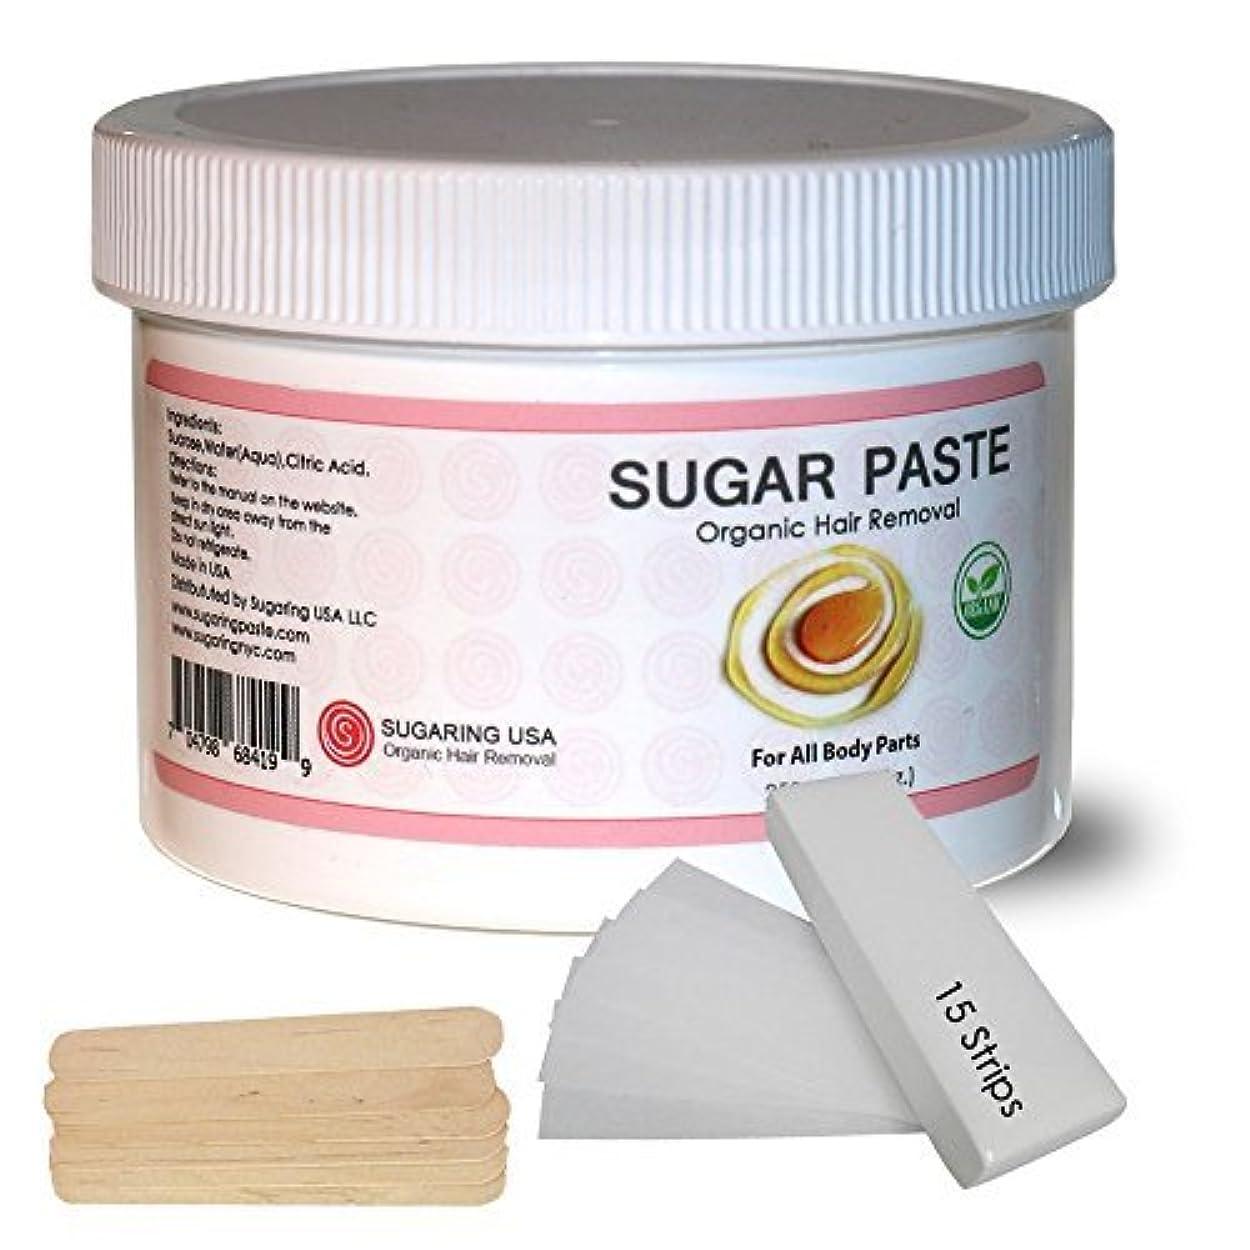 と組む毛細血管建築家Sugaring Hair Removal Paste at Home Kit - (Strips Applicator Sticks) Large350g (12oz.) [並行輸入品]